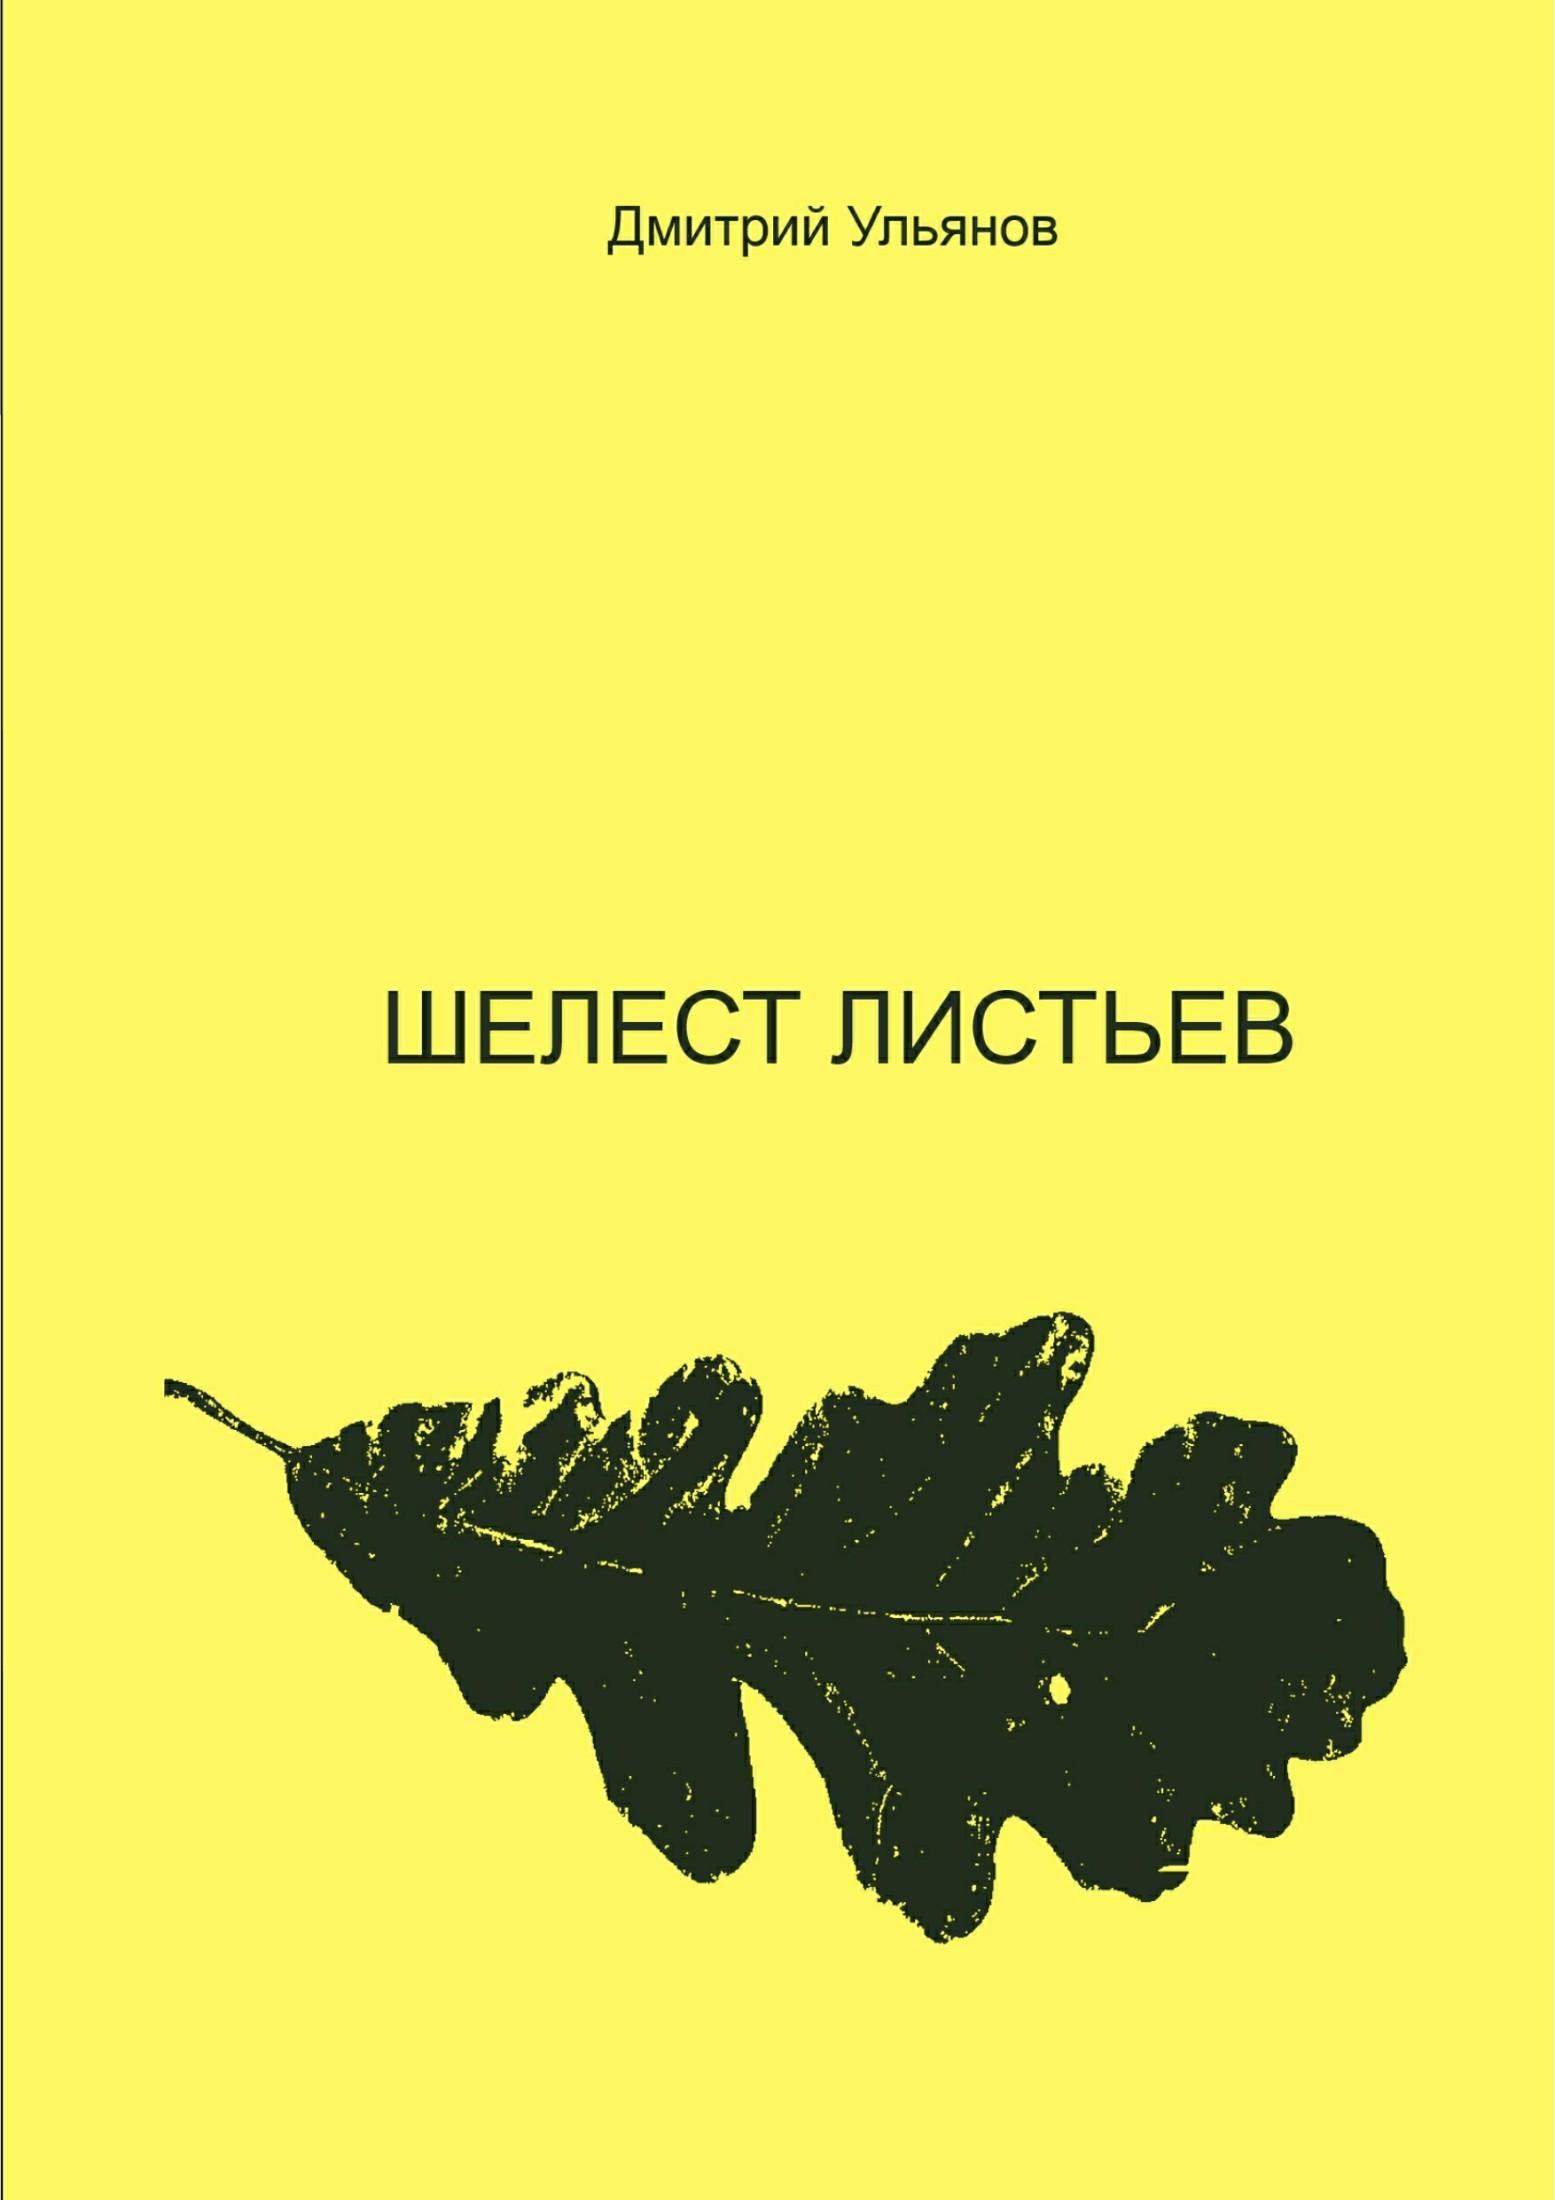 Обложка книги Шелест листьев, автор Дмитрий Ульянов